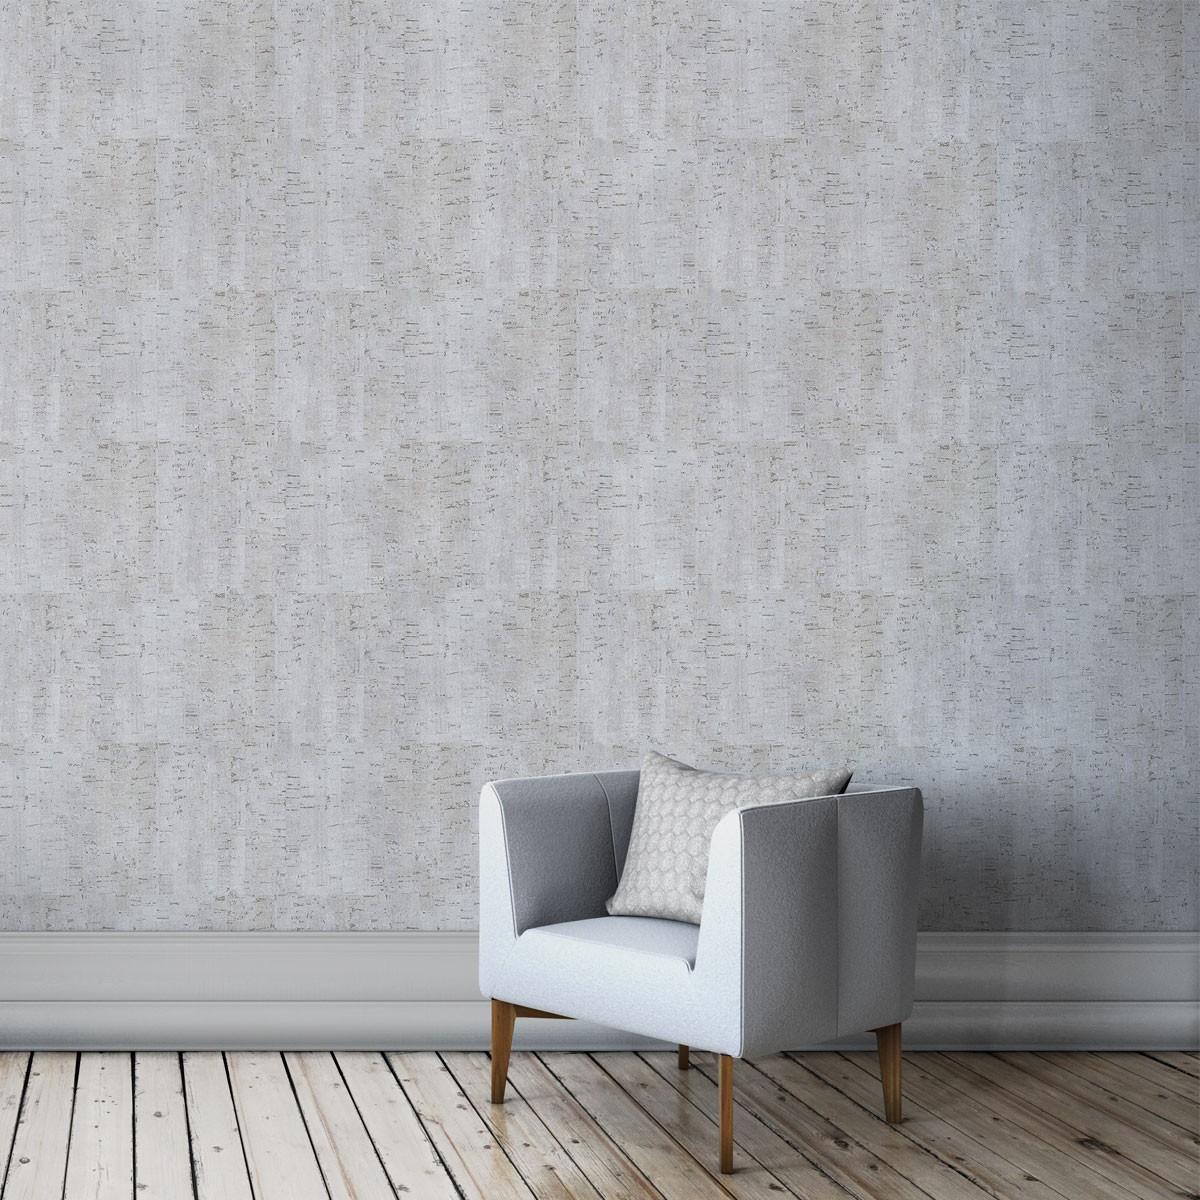 Rivestimento decorativo in sughero color argento per pareti e soffitte - Rivestimento decorativo pareti ...